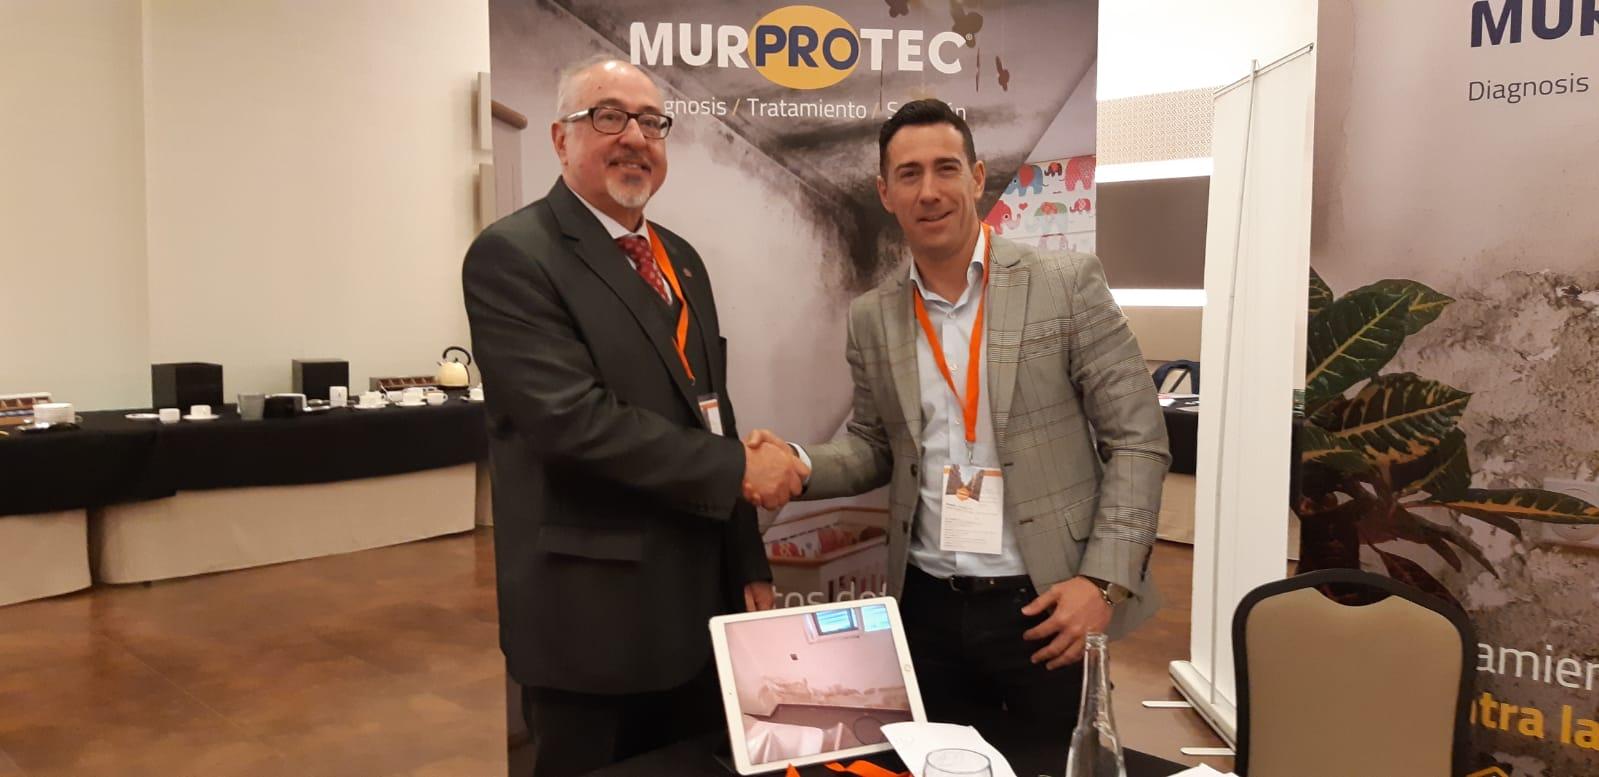 Álvaro Pestaña, presidente del CAF Málaga y Manuel Martínez, director de Murprotec Andalucía Oriental